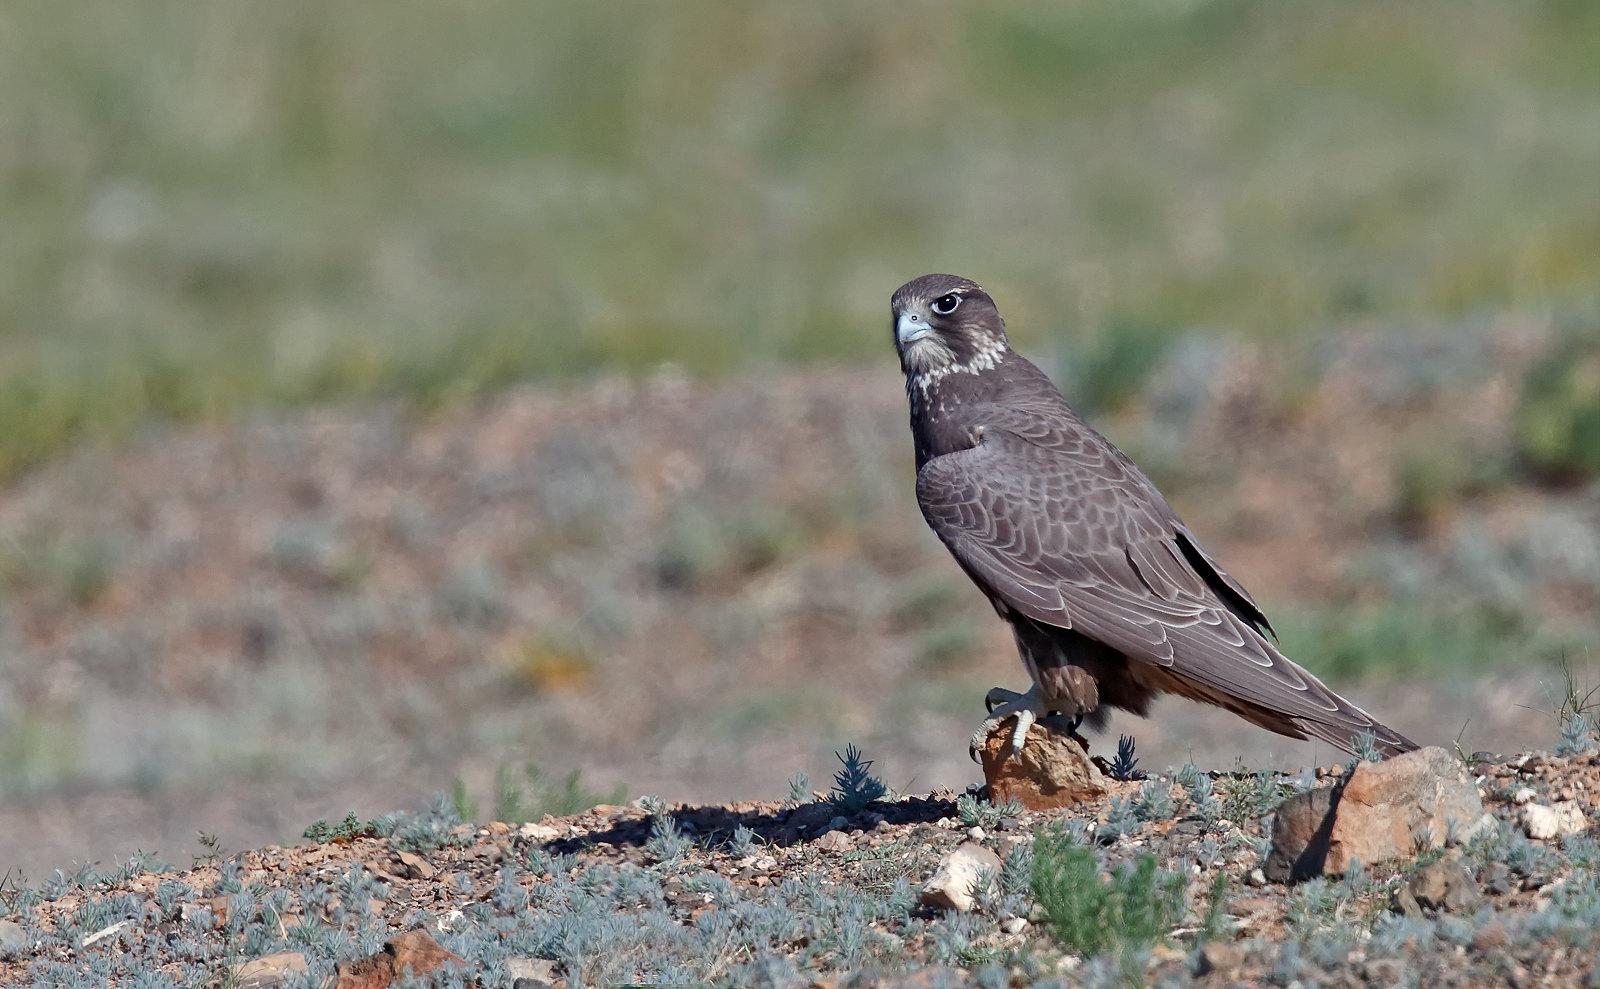 Dark Morph Saker Falcon